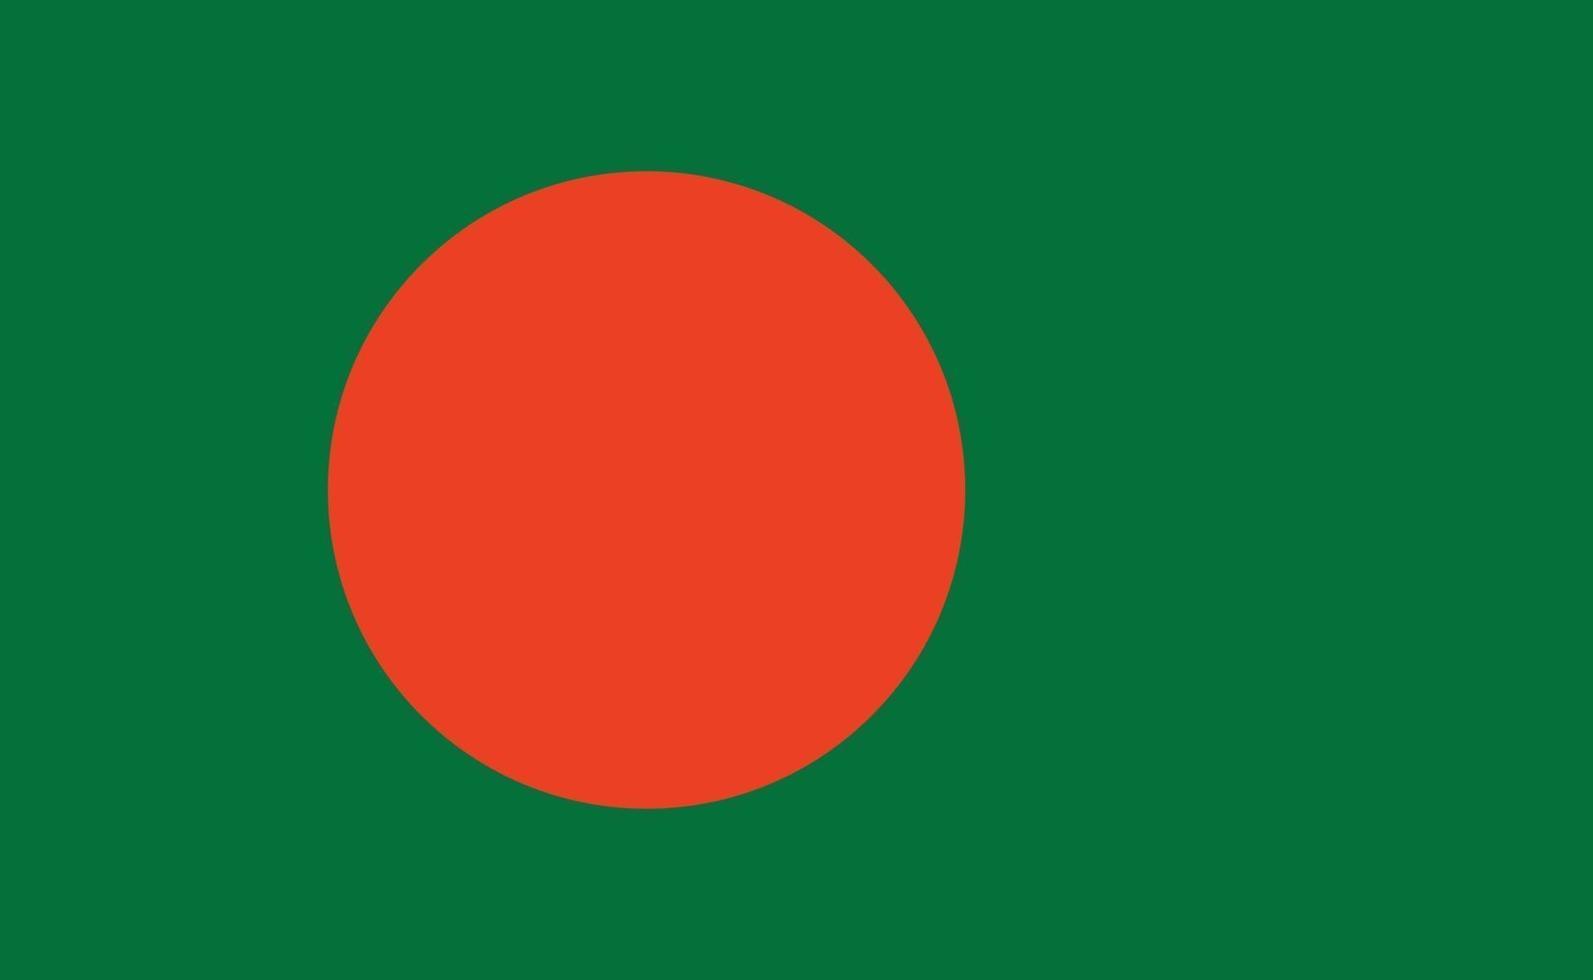 drapeau national du Bangladesh dans des proportions exactes - illustration vectorielle vecteur